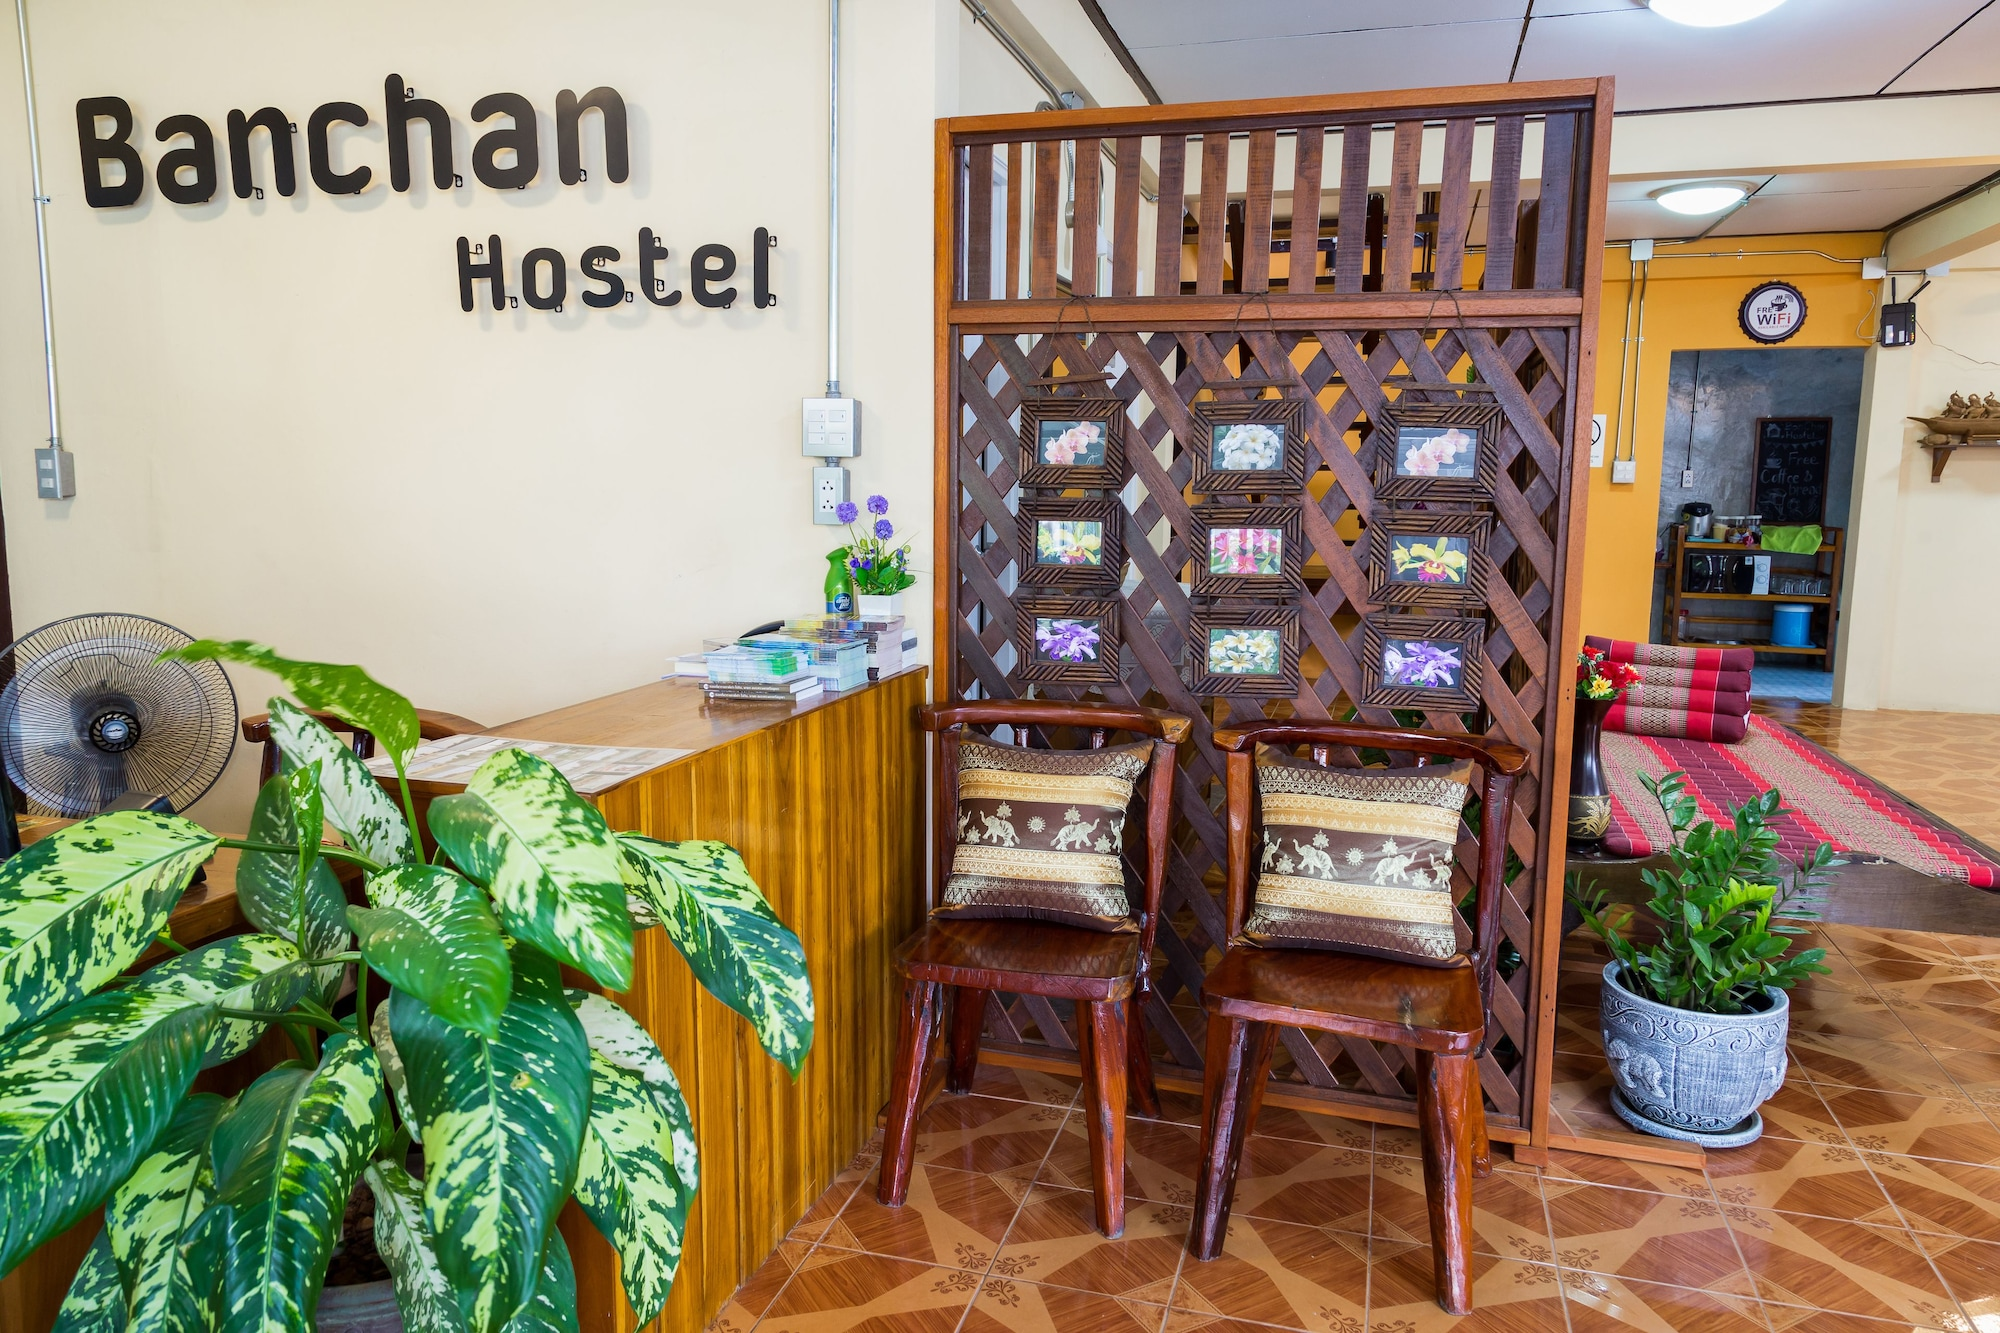 Banchan Hostel, Phra Nakhon Si Ayutthaya